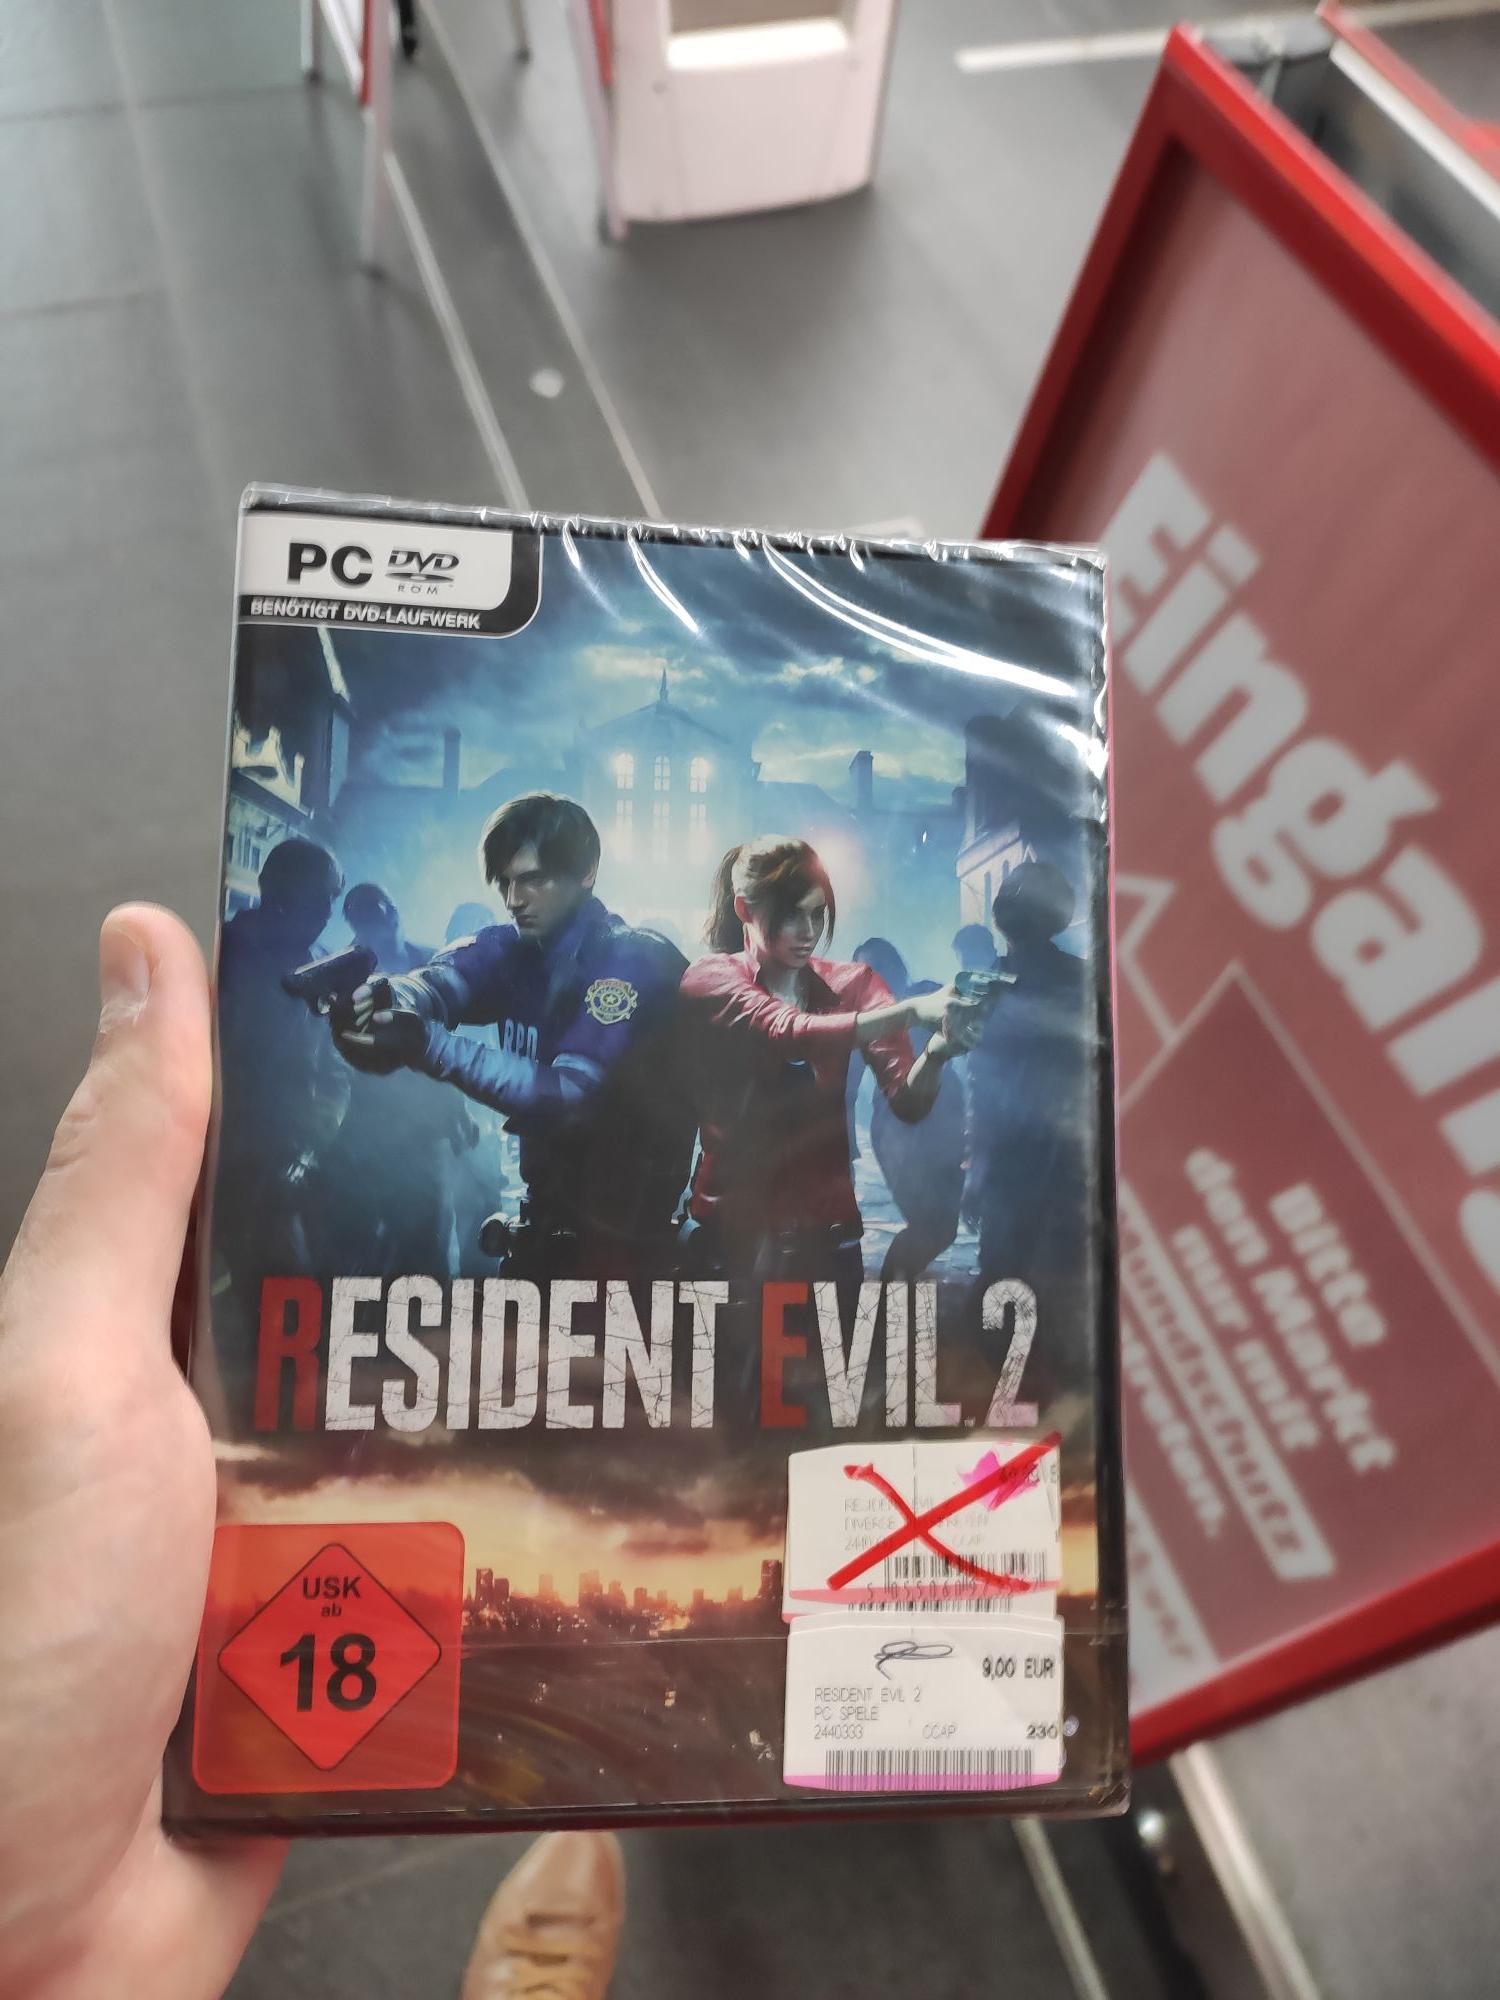 Lokal Berlin Hbf Resident evil 2 PC Steam